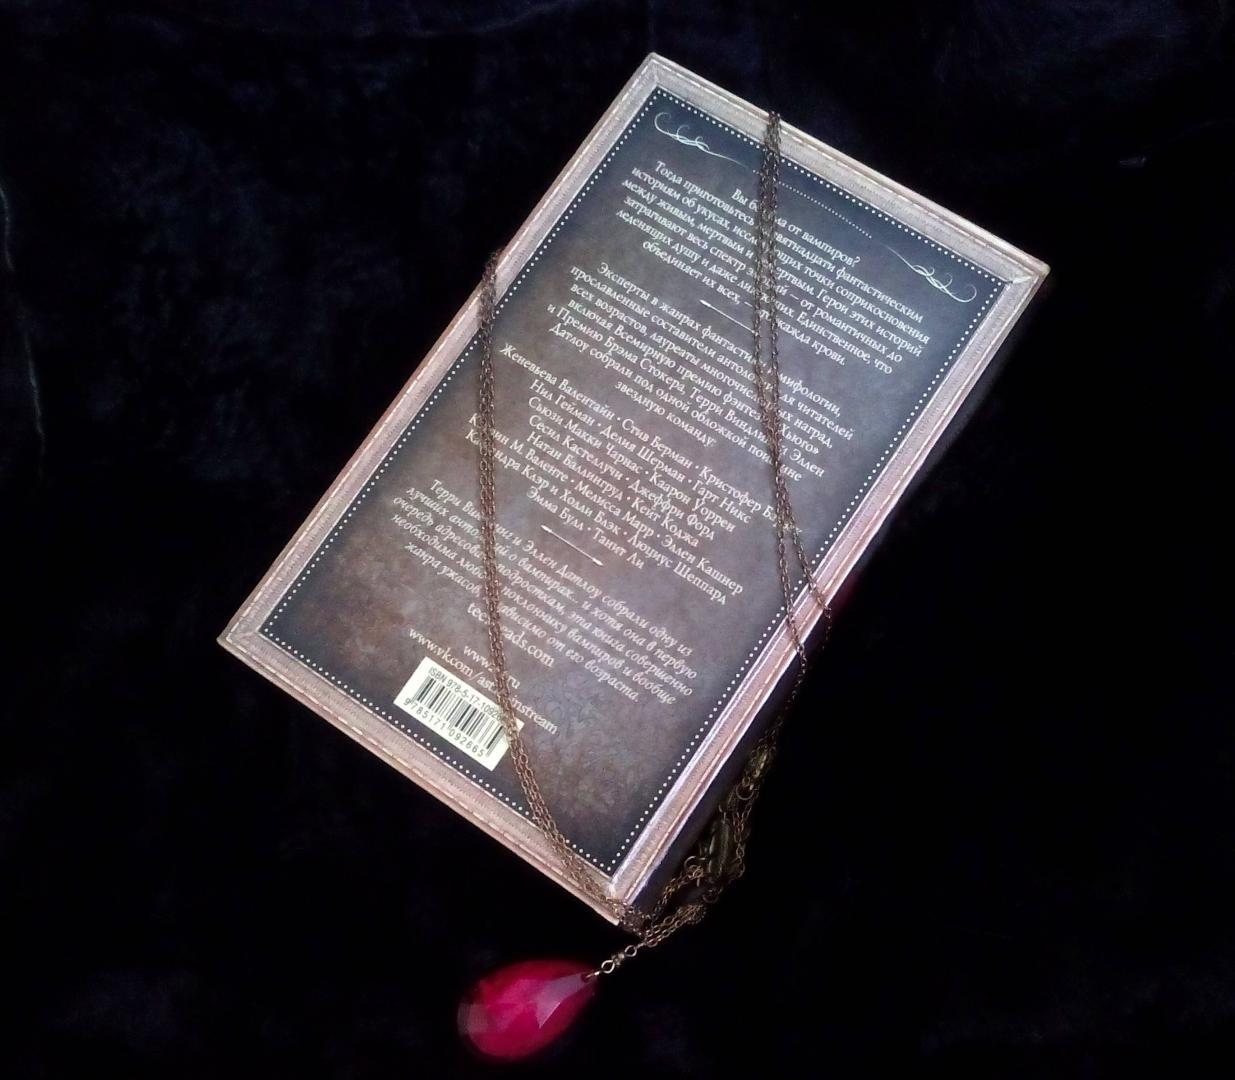 Иллюстрация 36 из 61 для Клыки. Истории о вампирах - Никс, Гейман, Блэк, Марр, Клэр | Лабиринт - книги. Источник: Лабиринт